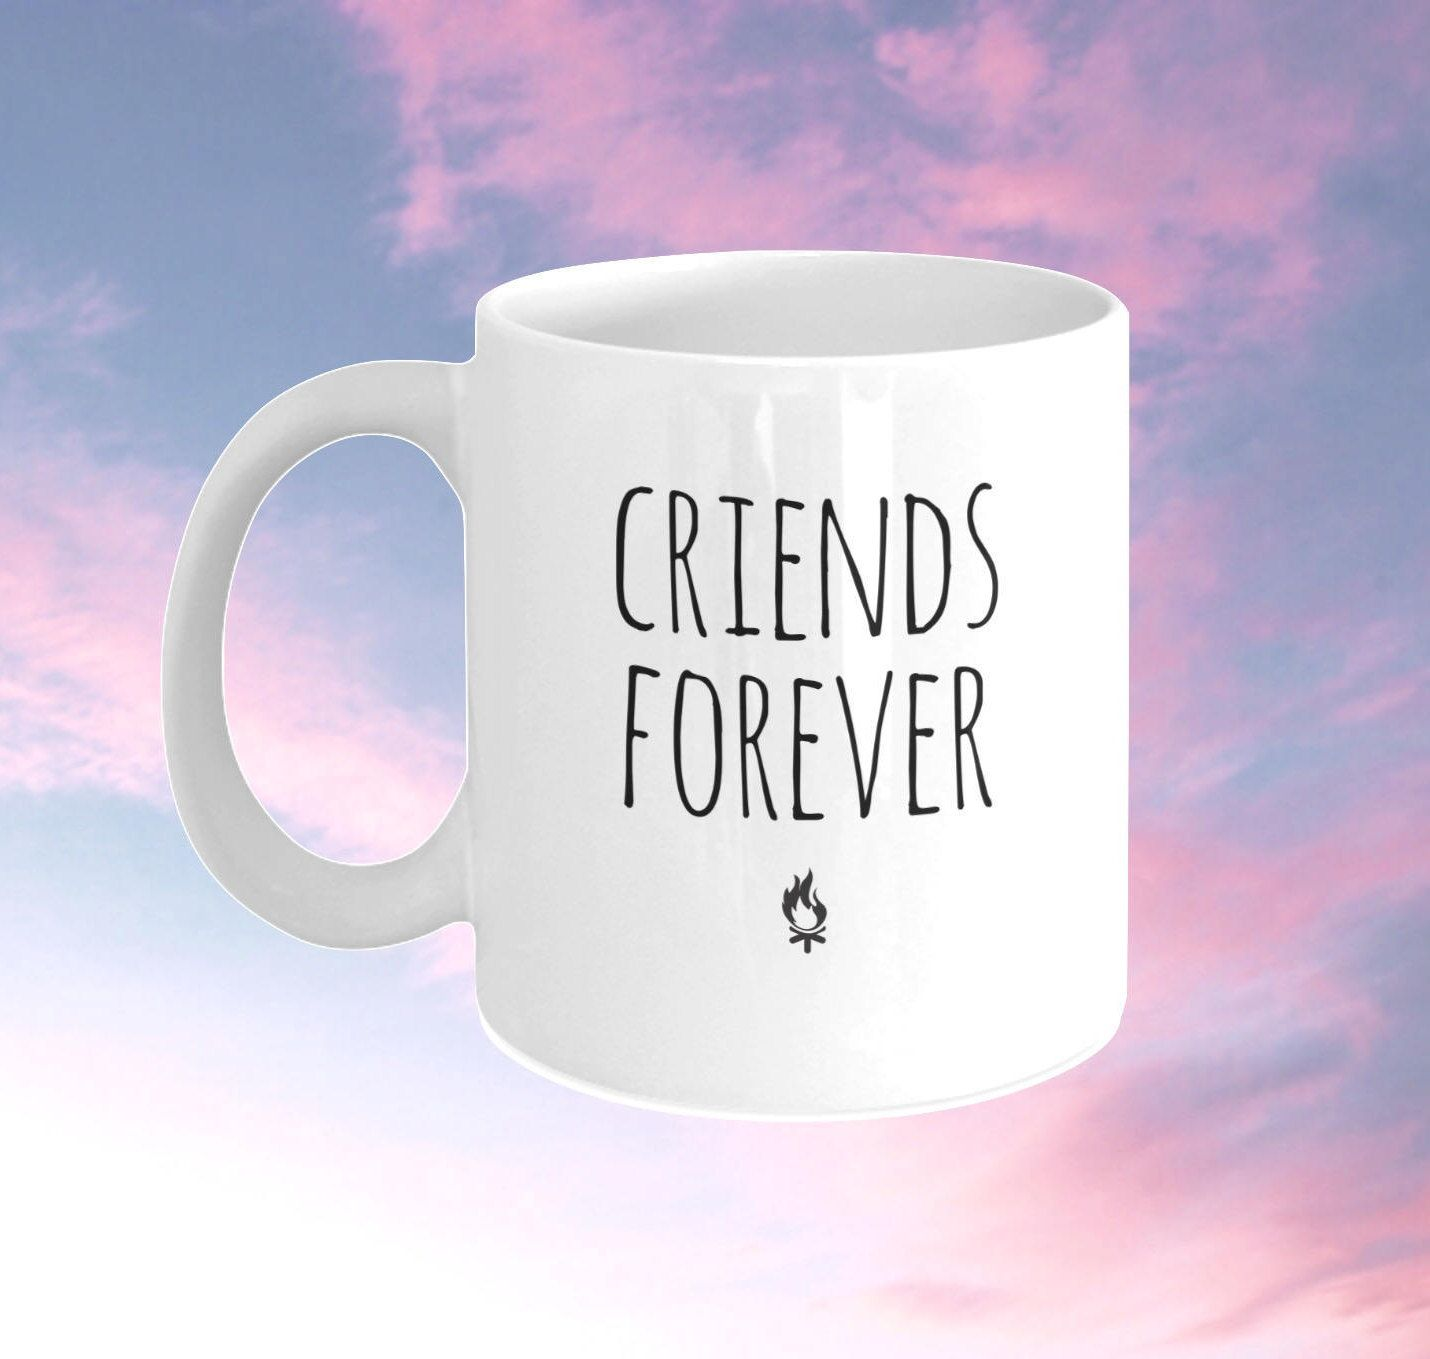 Criends Forever Coffee Mug Inspirational Quote Travel Mug Funny Mugs With Sayings Christmas Present For Camp Friend Be Mugs Friends Travel Funny Mugs